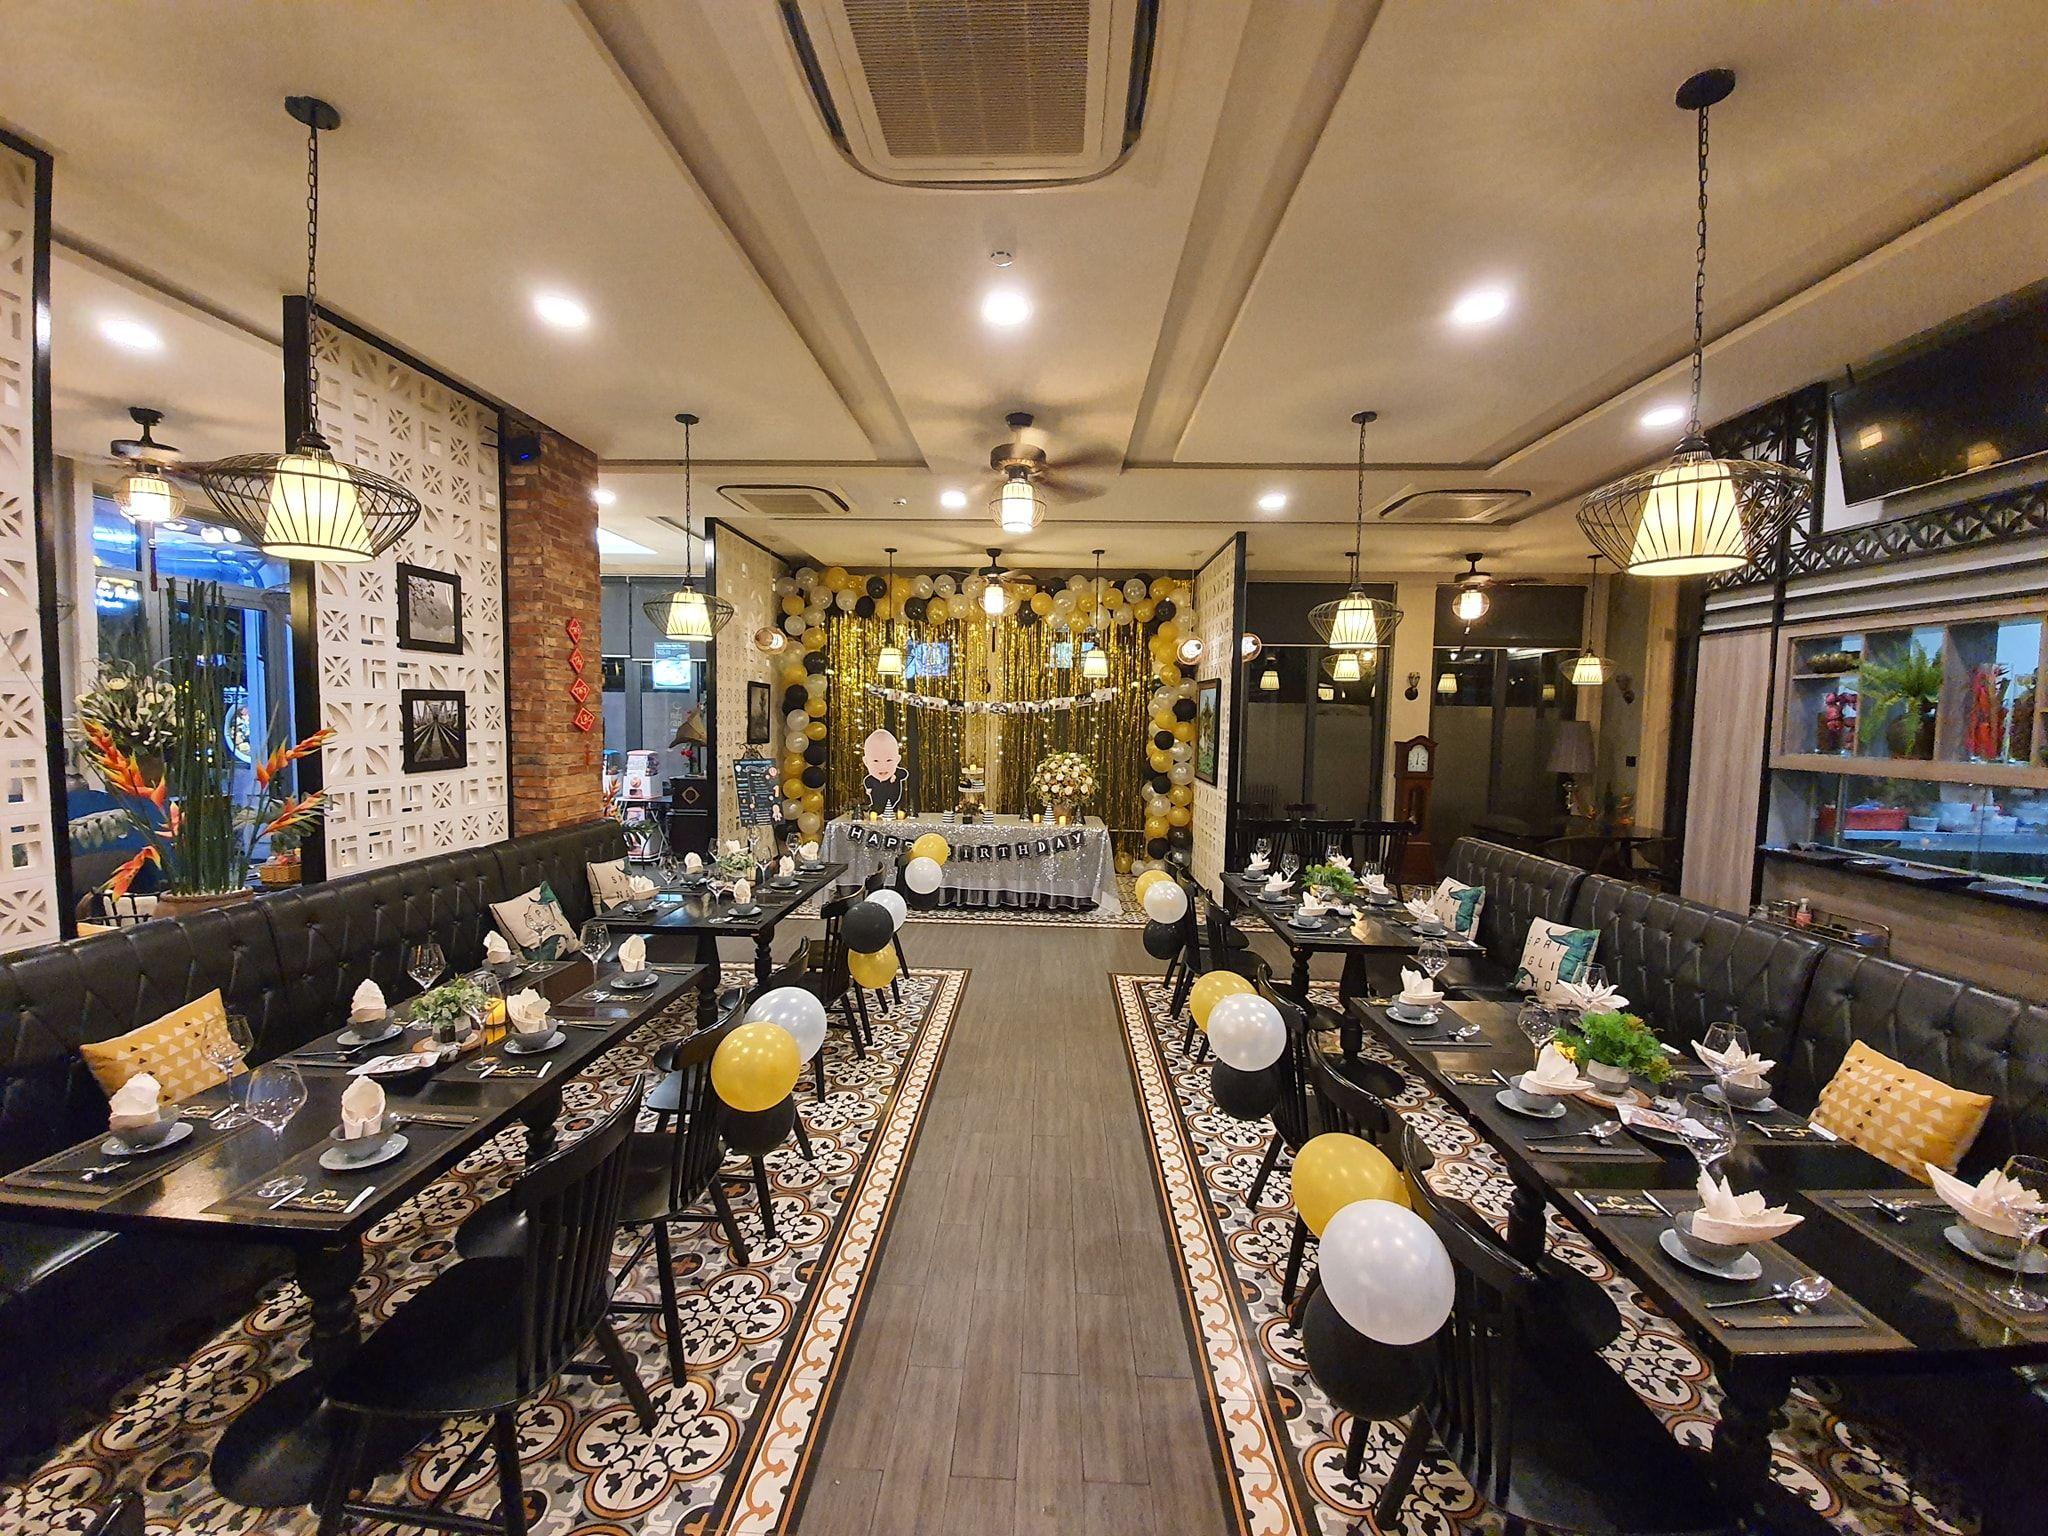 Kiến trúc bên trong nhà hàng Nếp Vàng